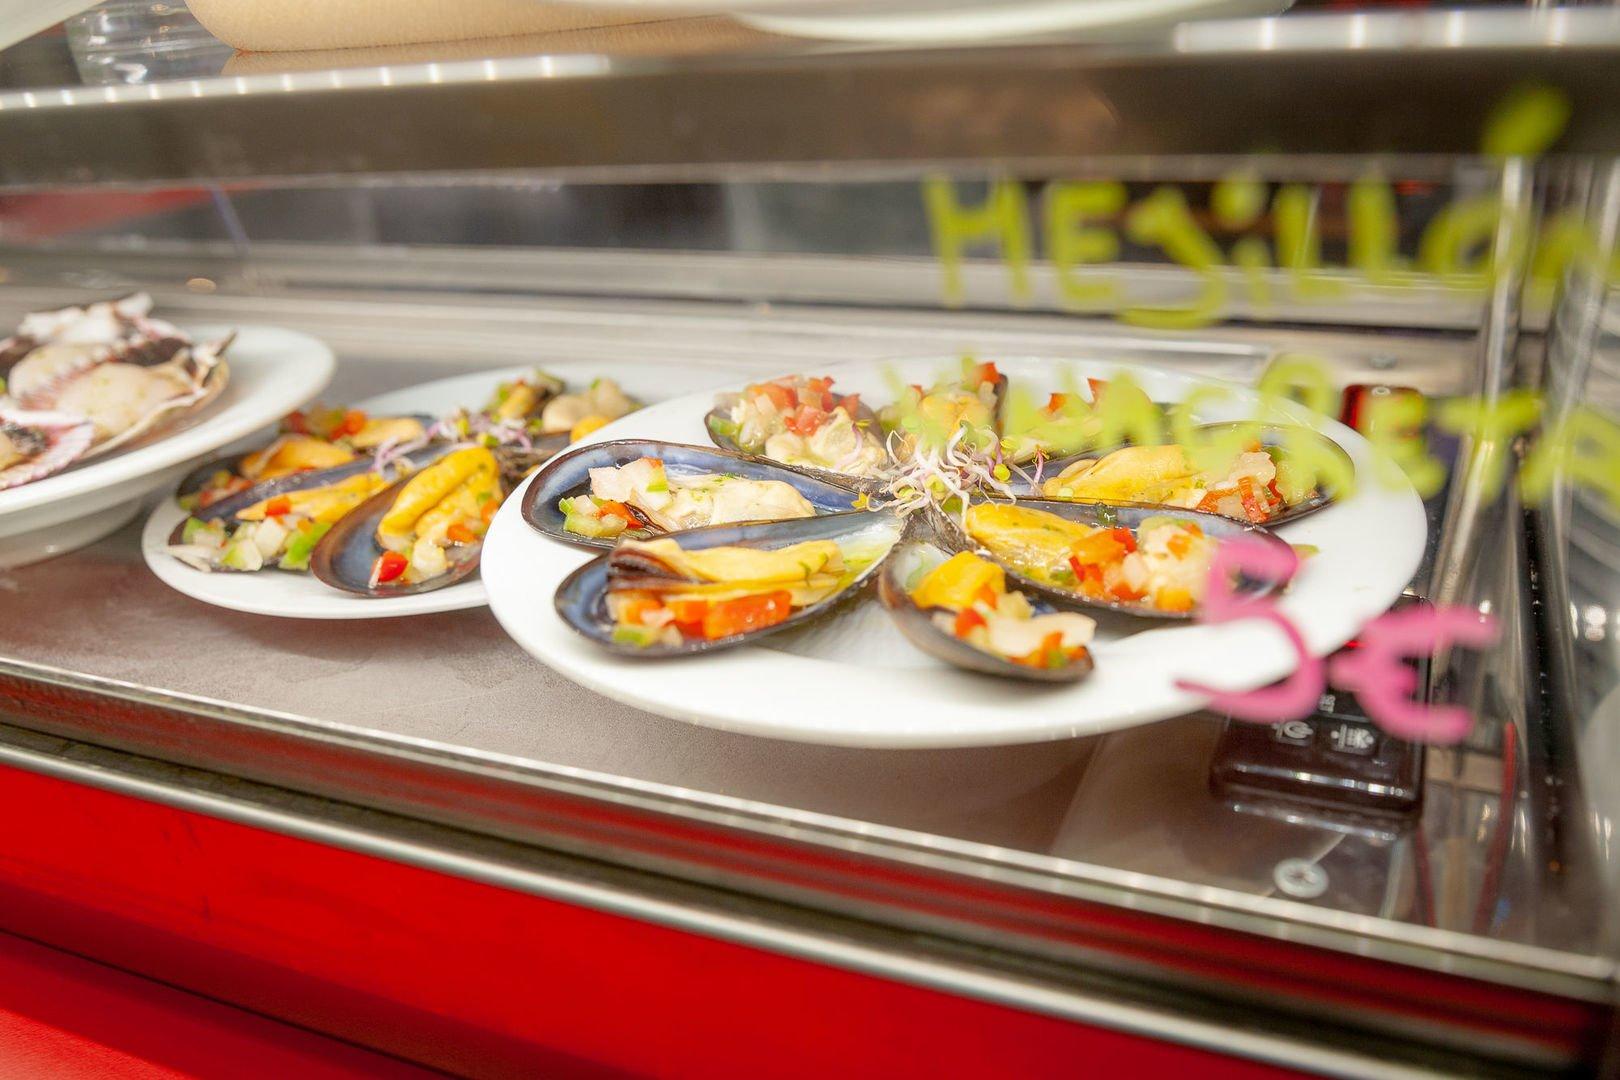 Tapas plates in Palma de Mallorca